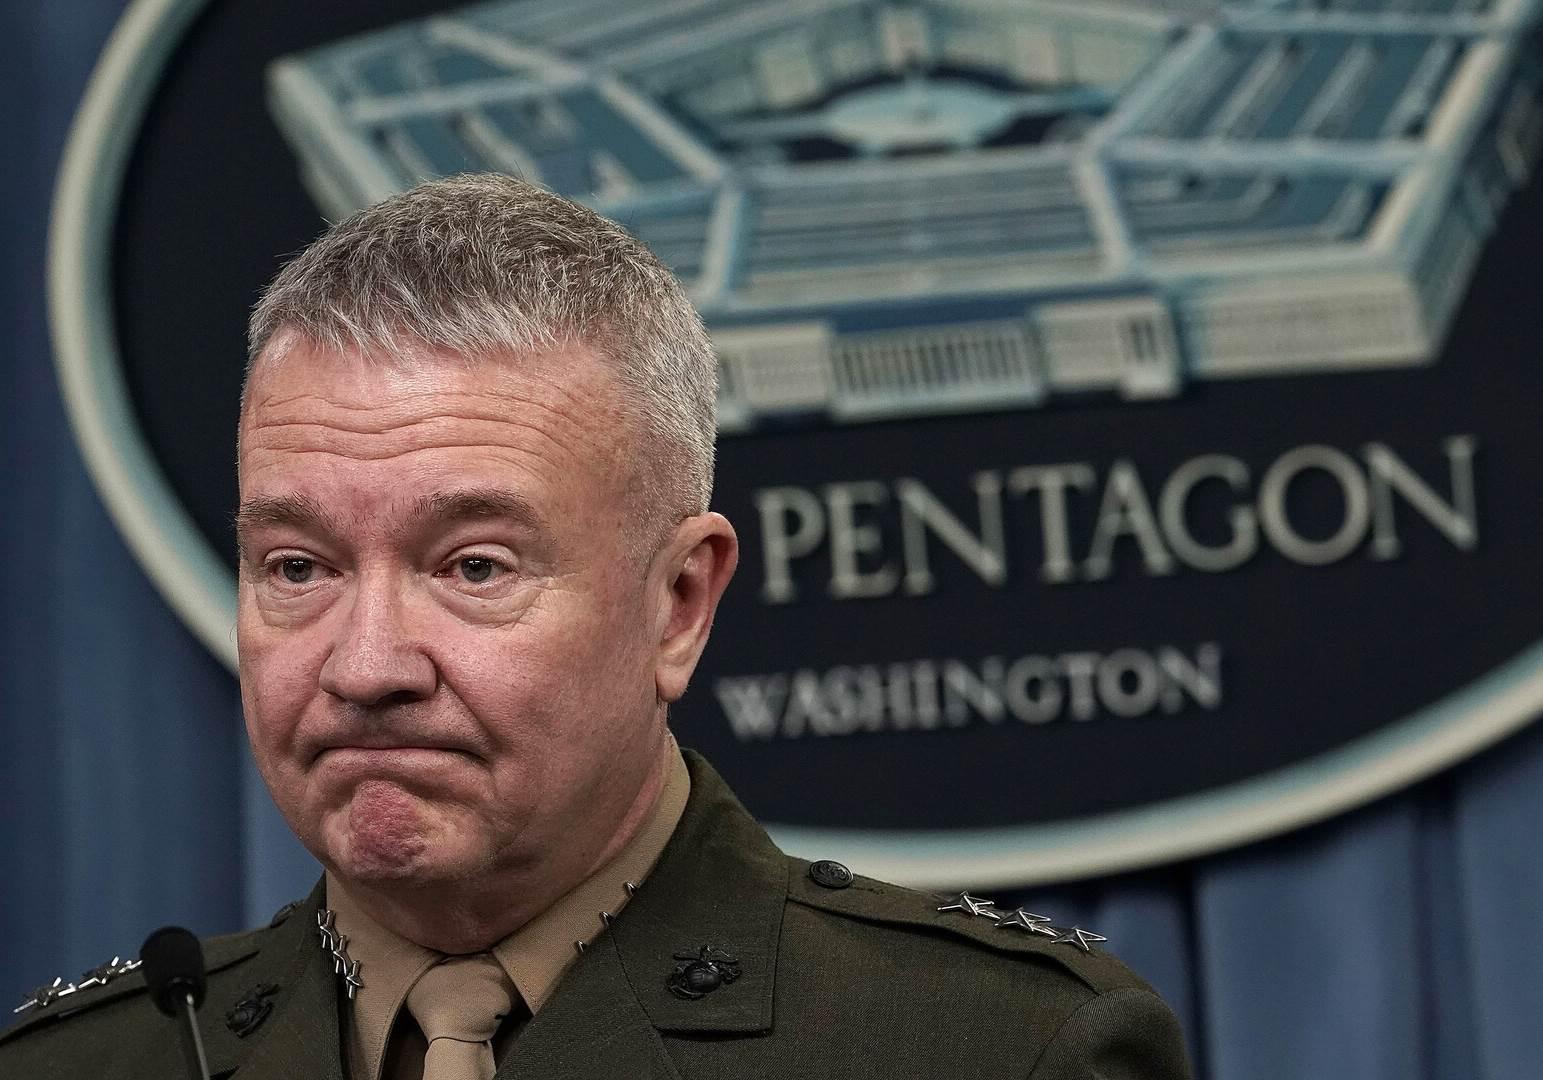 القيادة الأمريكية المركزية: مستوى عنف طالبان فى أفغانستان لا يزال مرتفعا